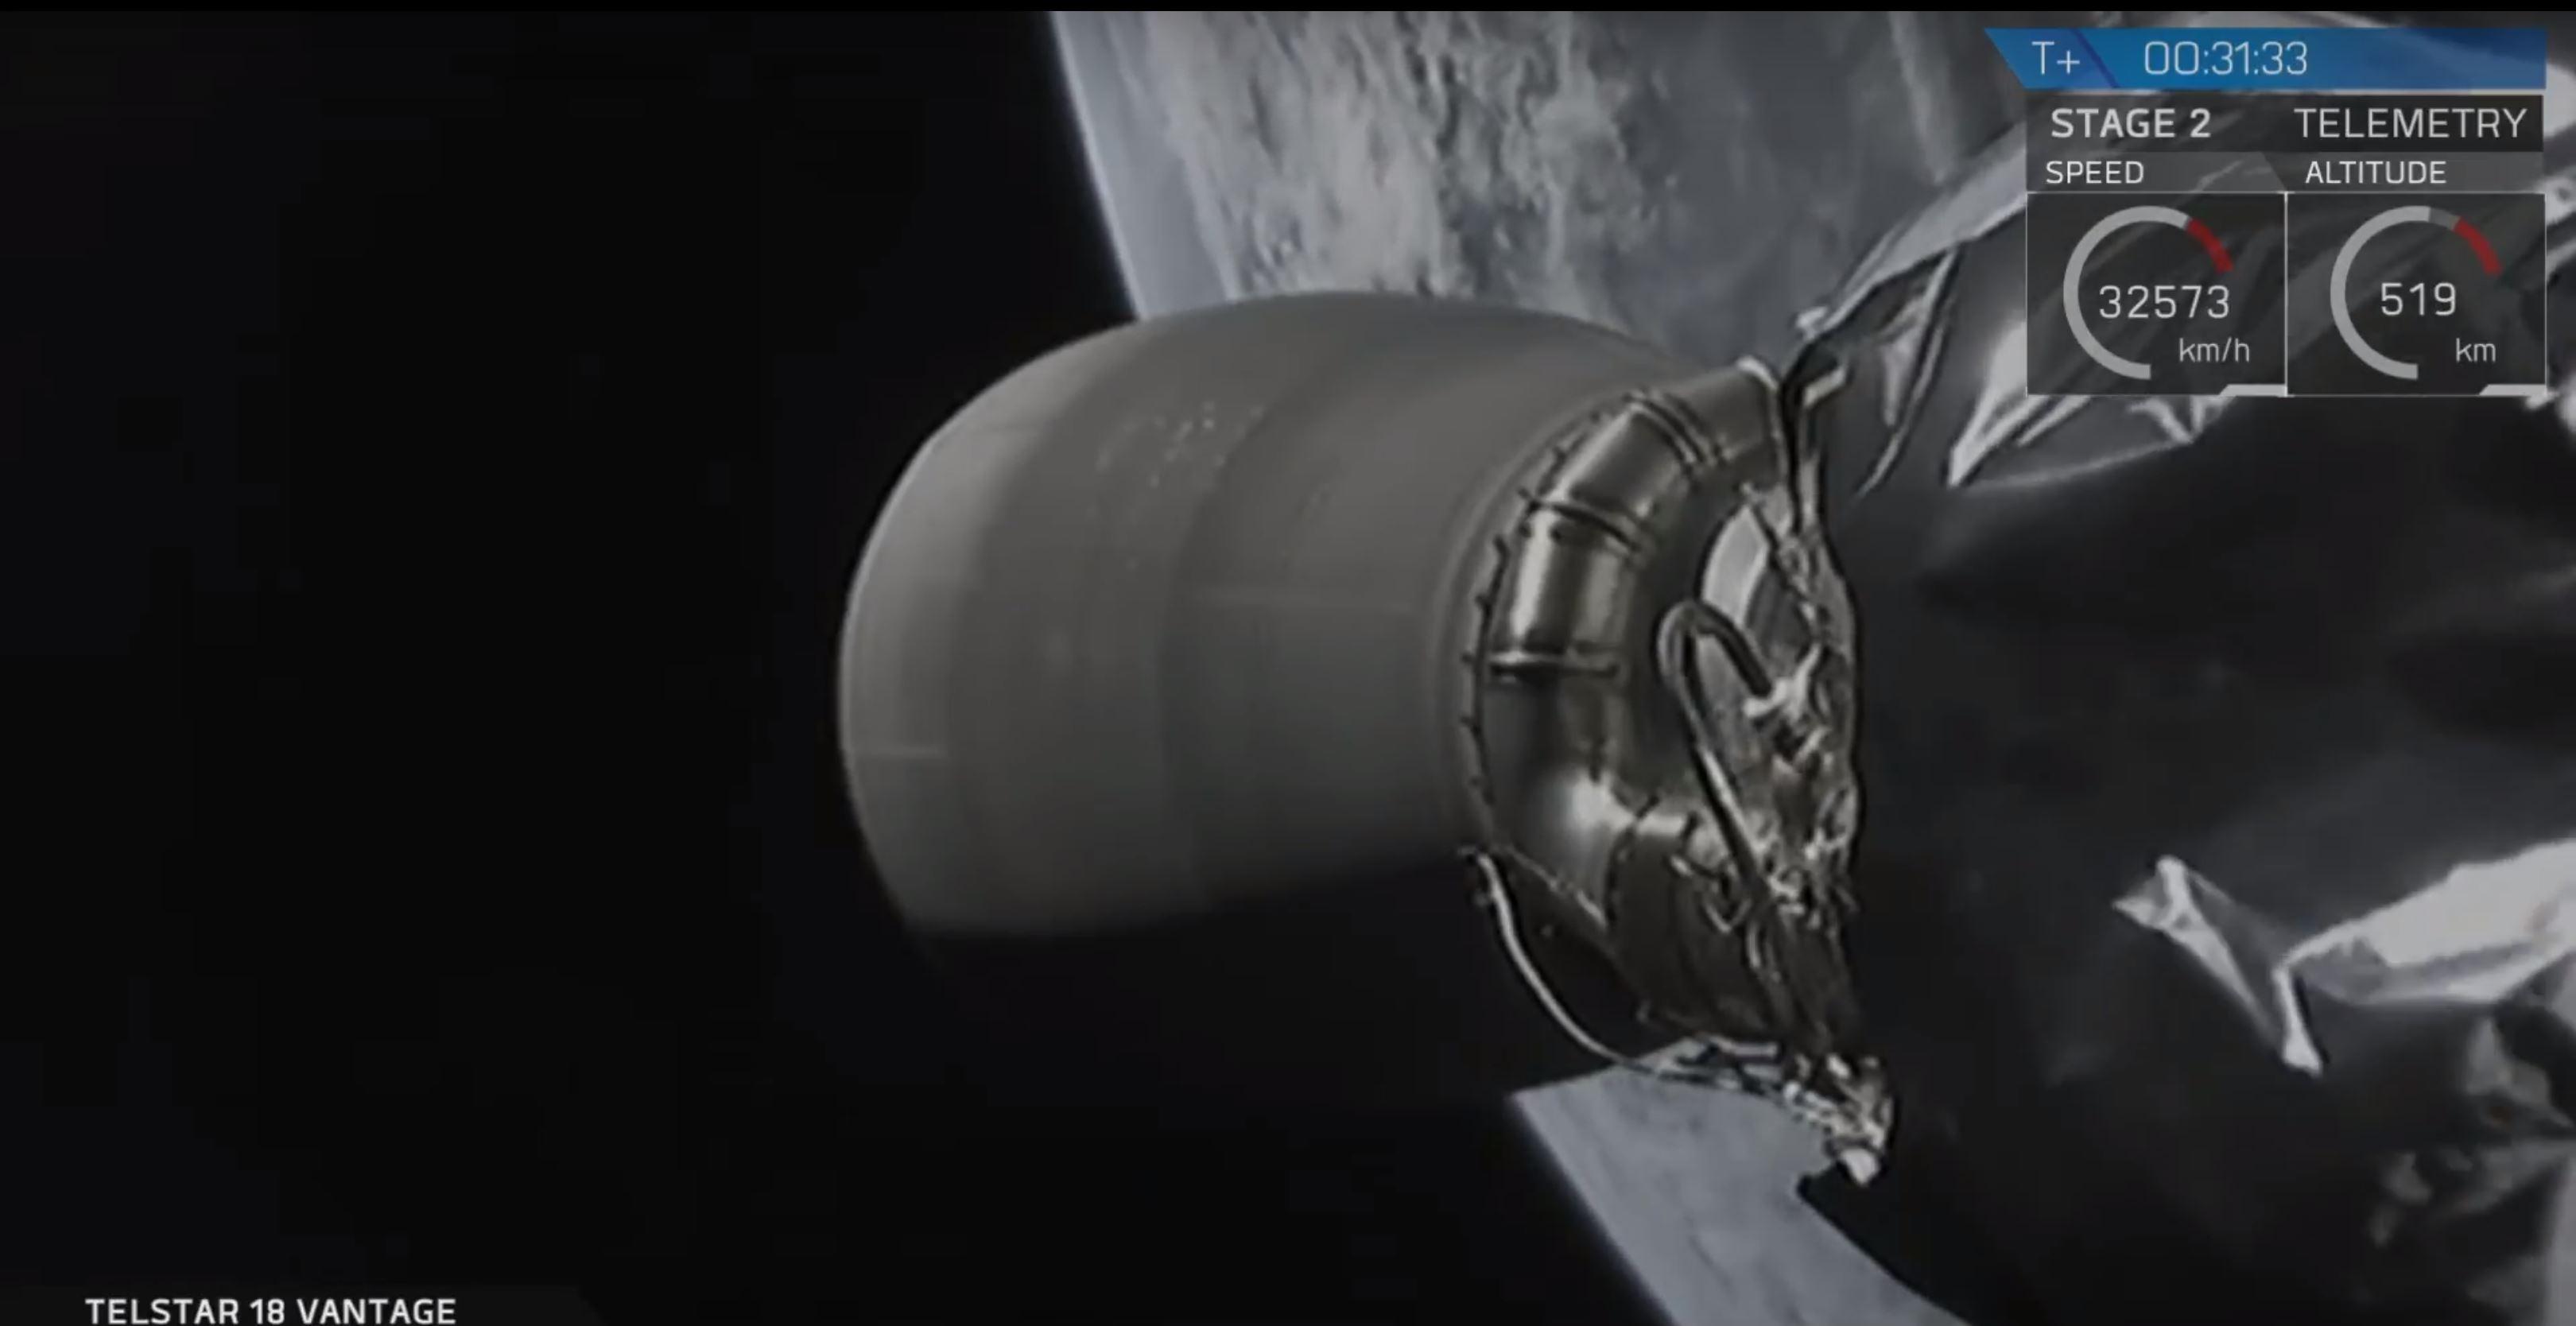 Falcon 9 S2 in orbit Telstar 18V (SpaceX)